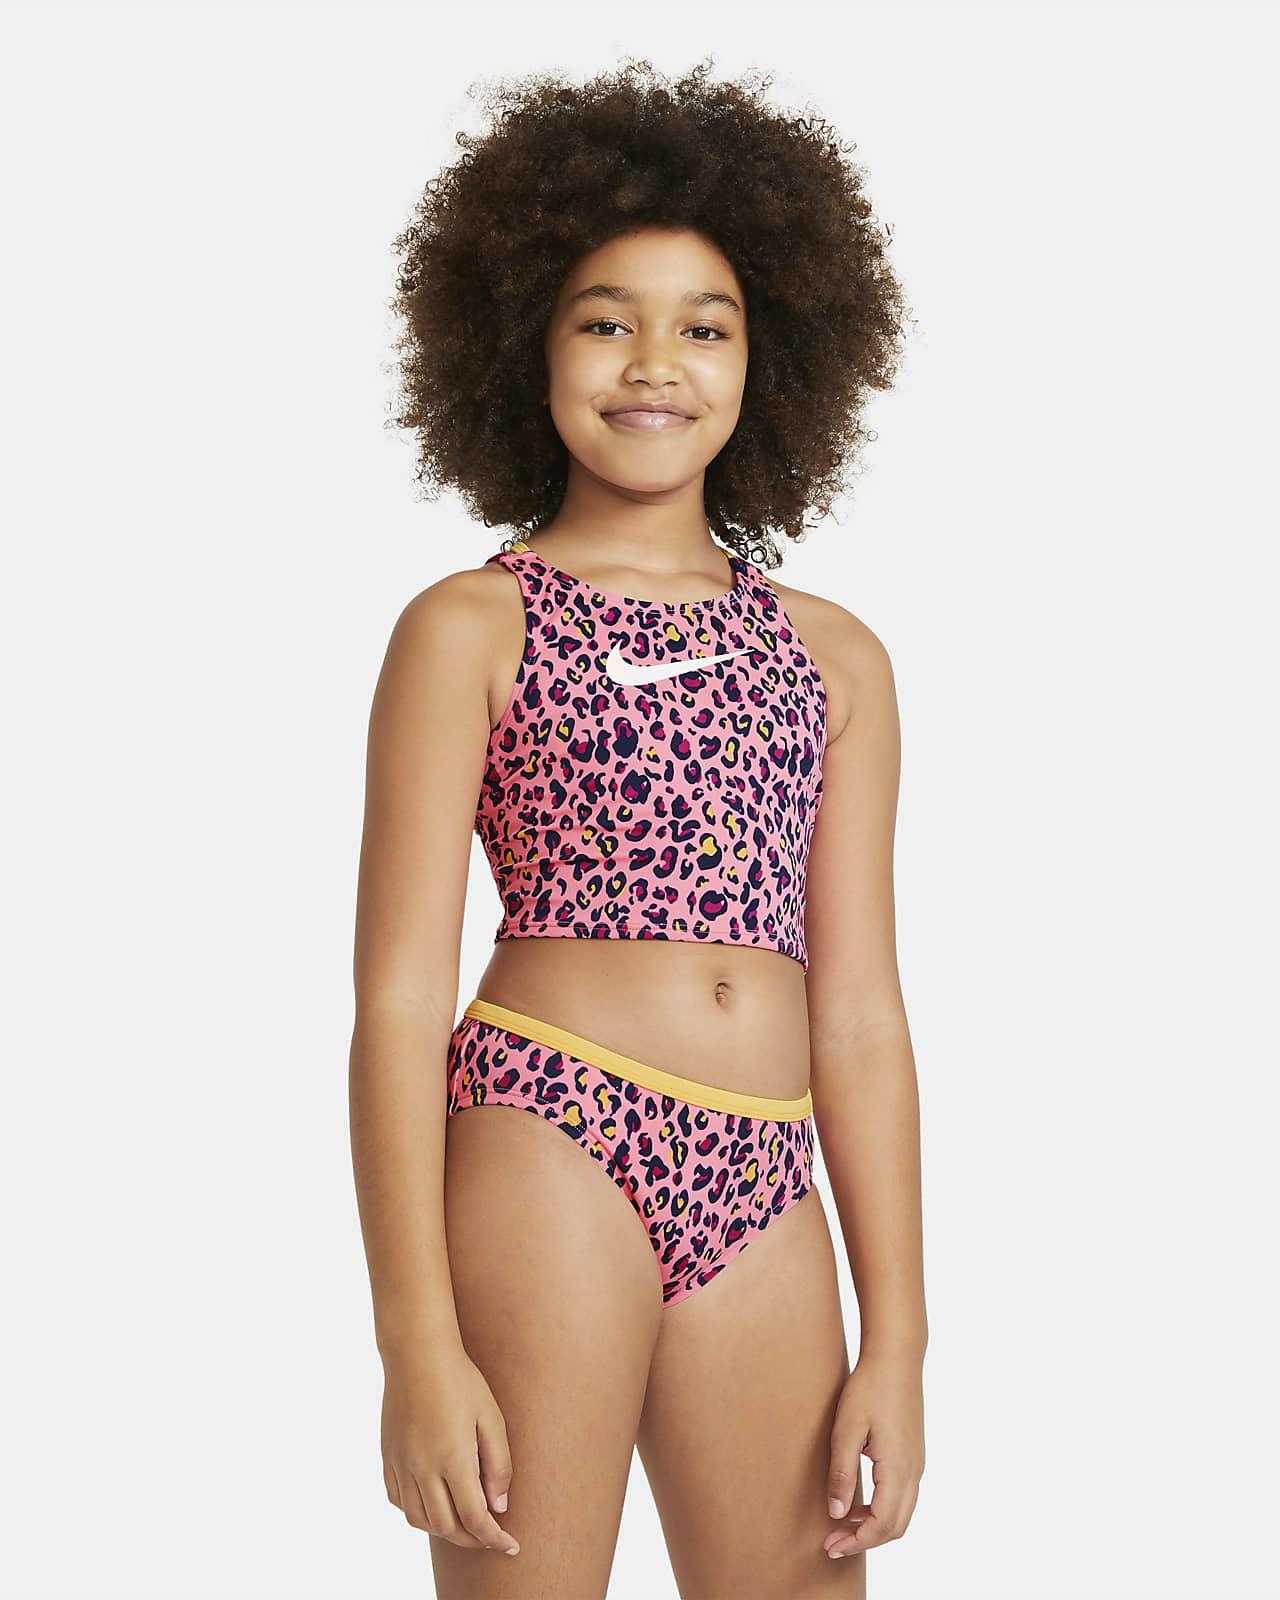 Plavecká souprava se středně vysokým pasem Nike advojitými zkříženými ramínky pro větší děti (dívky)